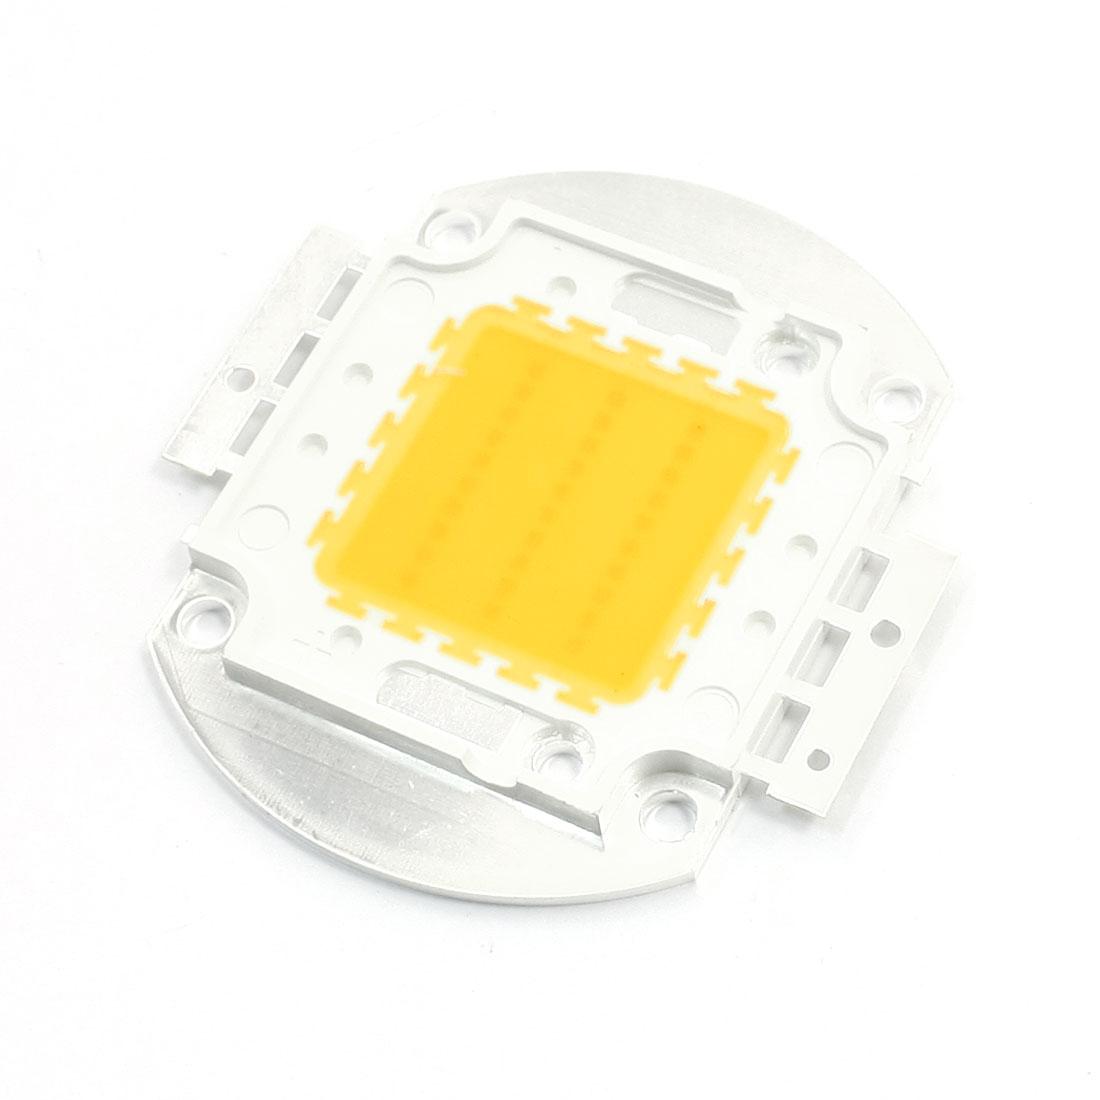 10C45QM DC 32-34V 1000mA 2600-2900LM 3000-3500K 30W Watt Warm White Lighting Lamp Light Bulb SMD Chip LED Emitter